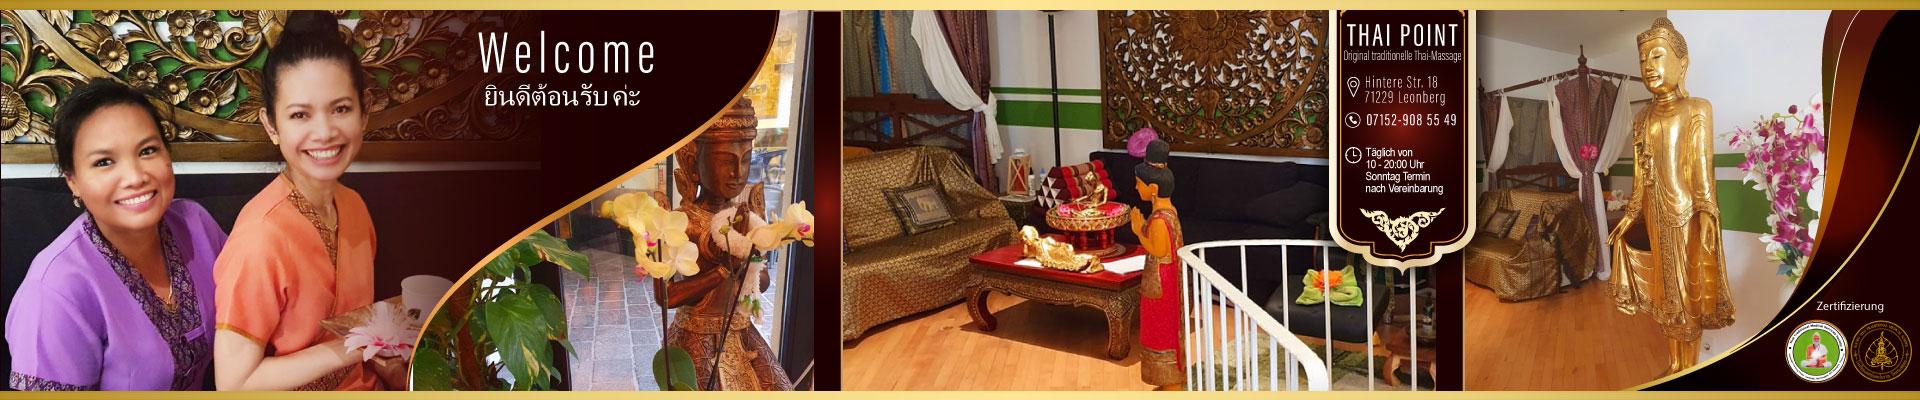 Thai-Point-Massage traditionelle Thai-Massage Praxis Leonberg